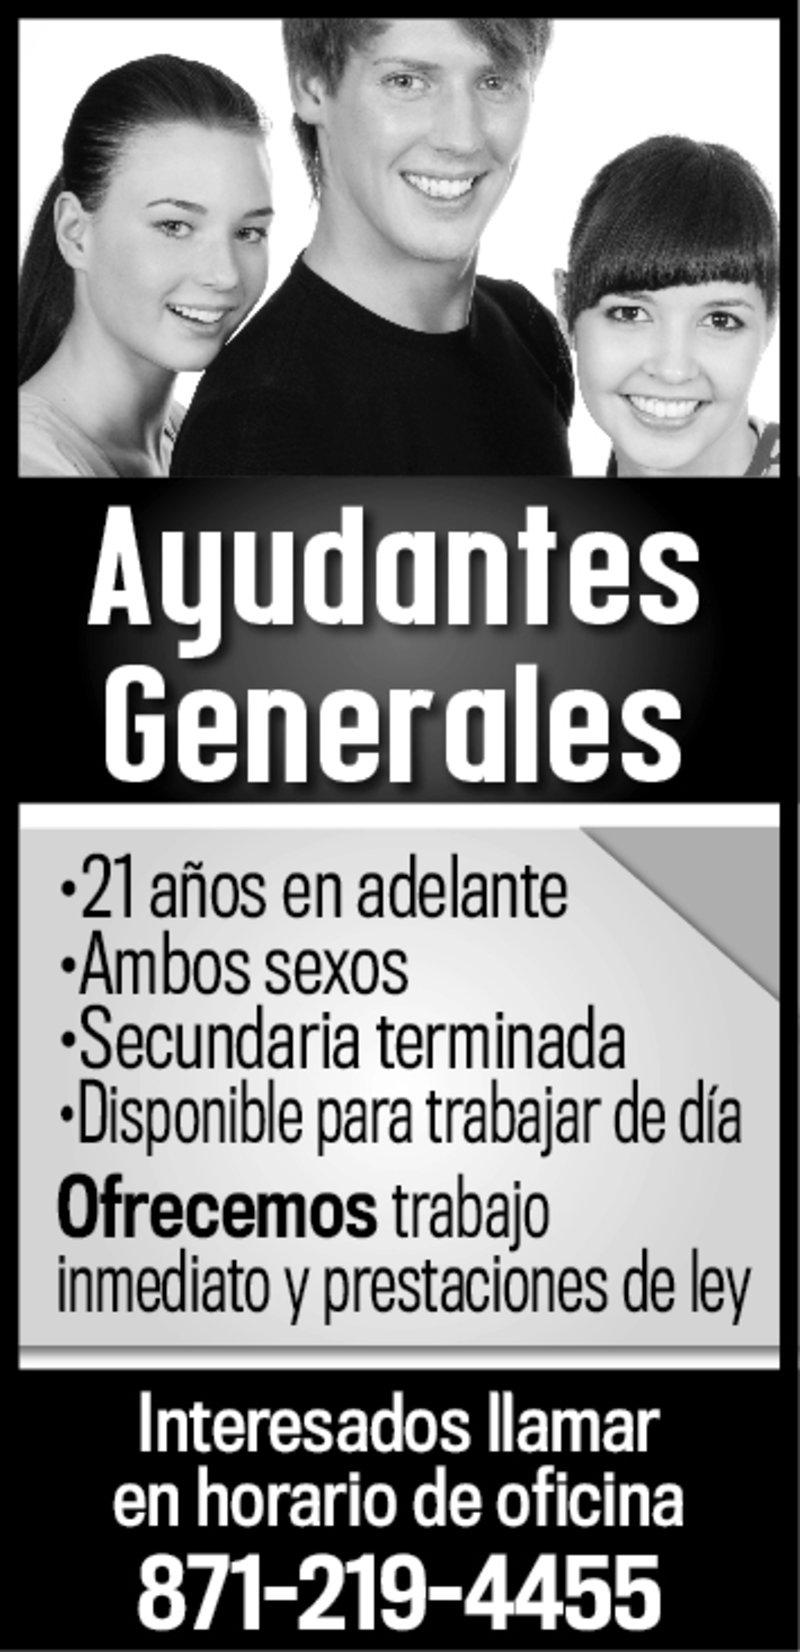 SOLICITO AYUDANTES GENERALES